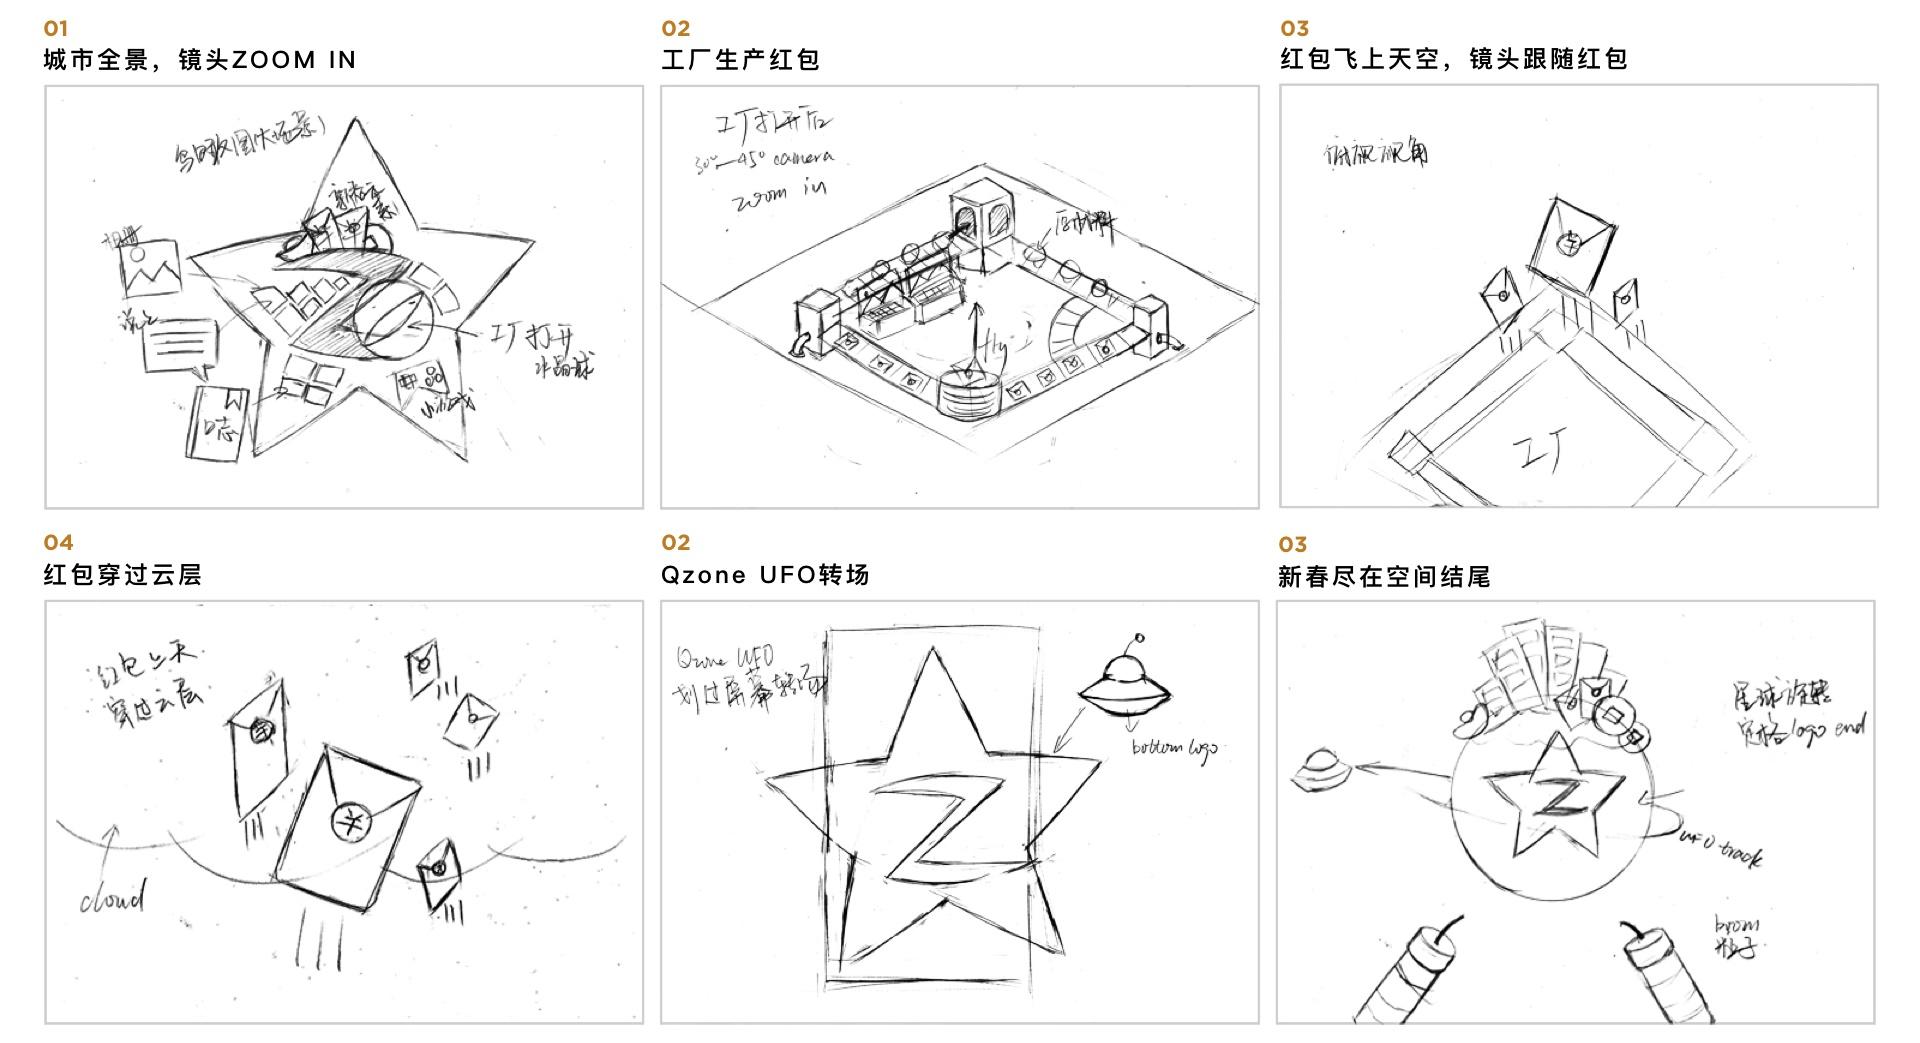 QQ 空间春节品牌视频是如何设计出来的?来看这份案例复盘!